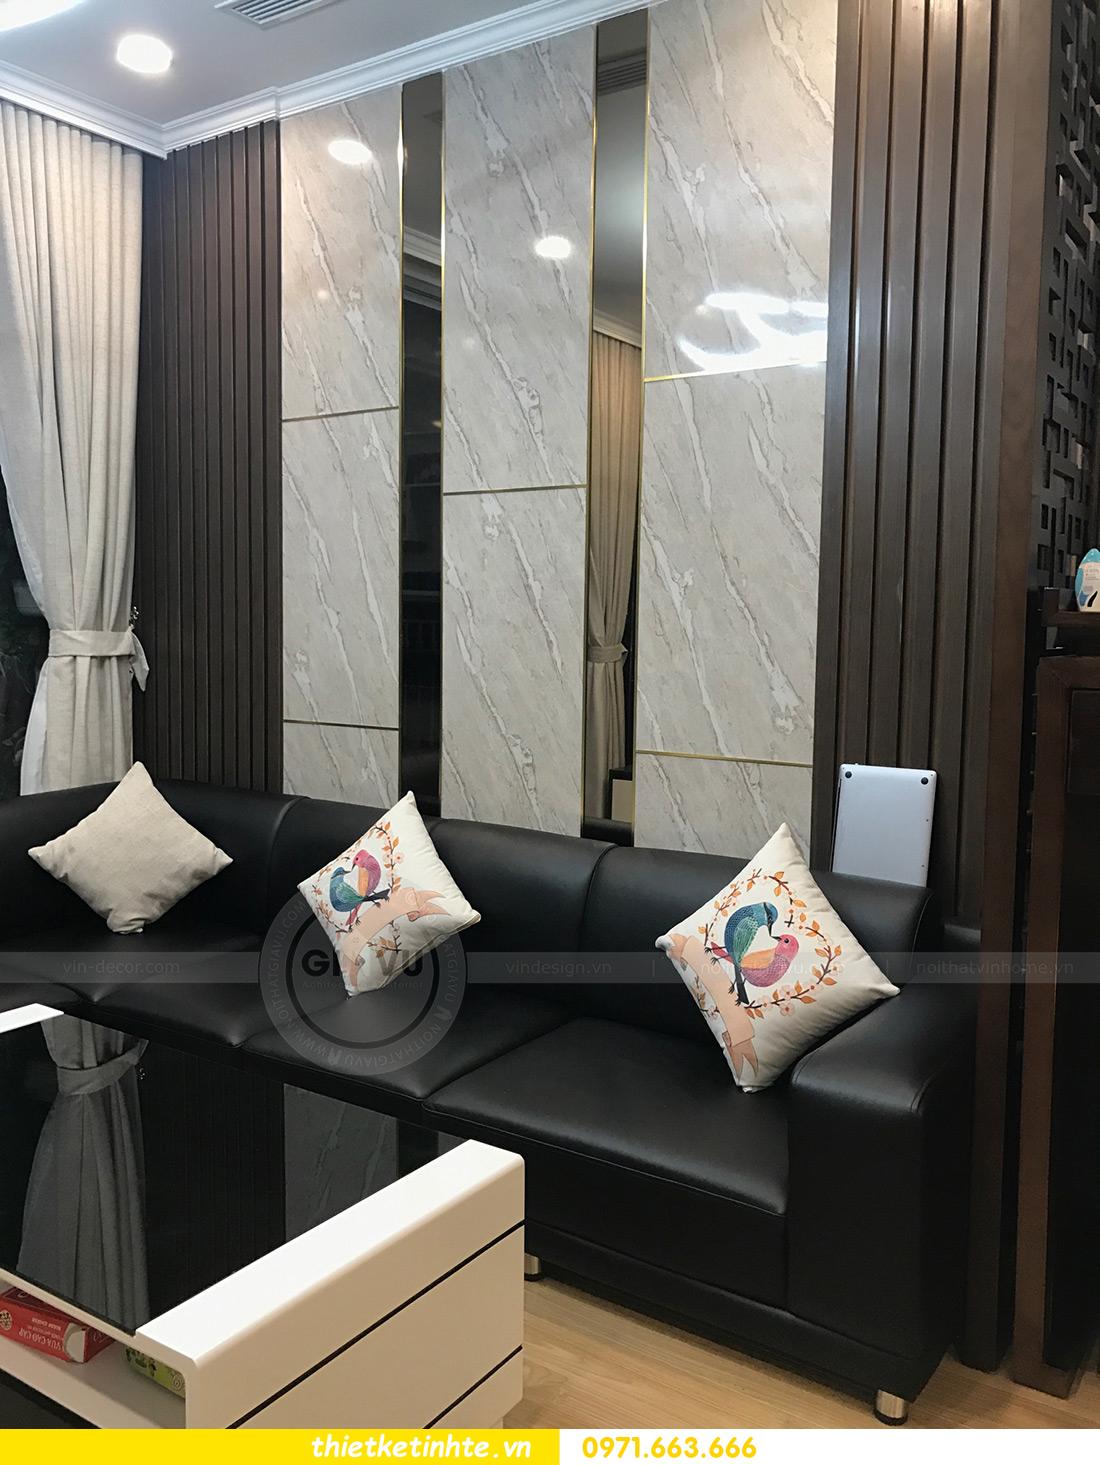 thi công hoàn thiện nội thất chung cư Gardenia chỉ với 200 triệu 02